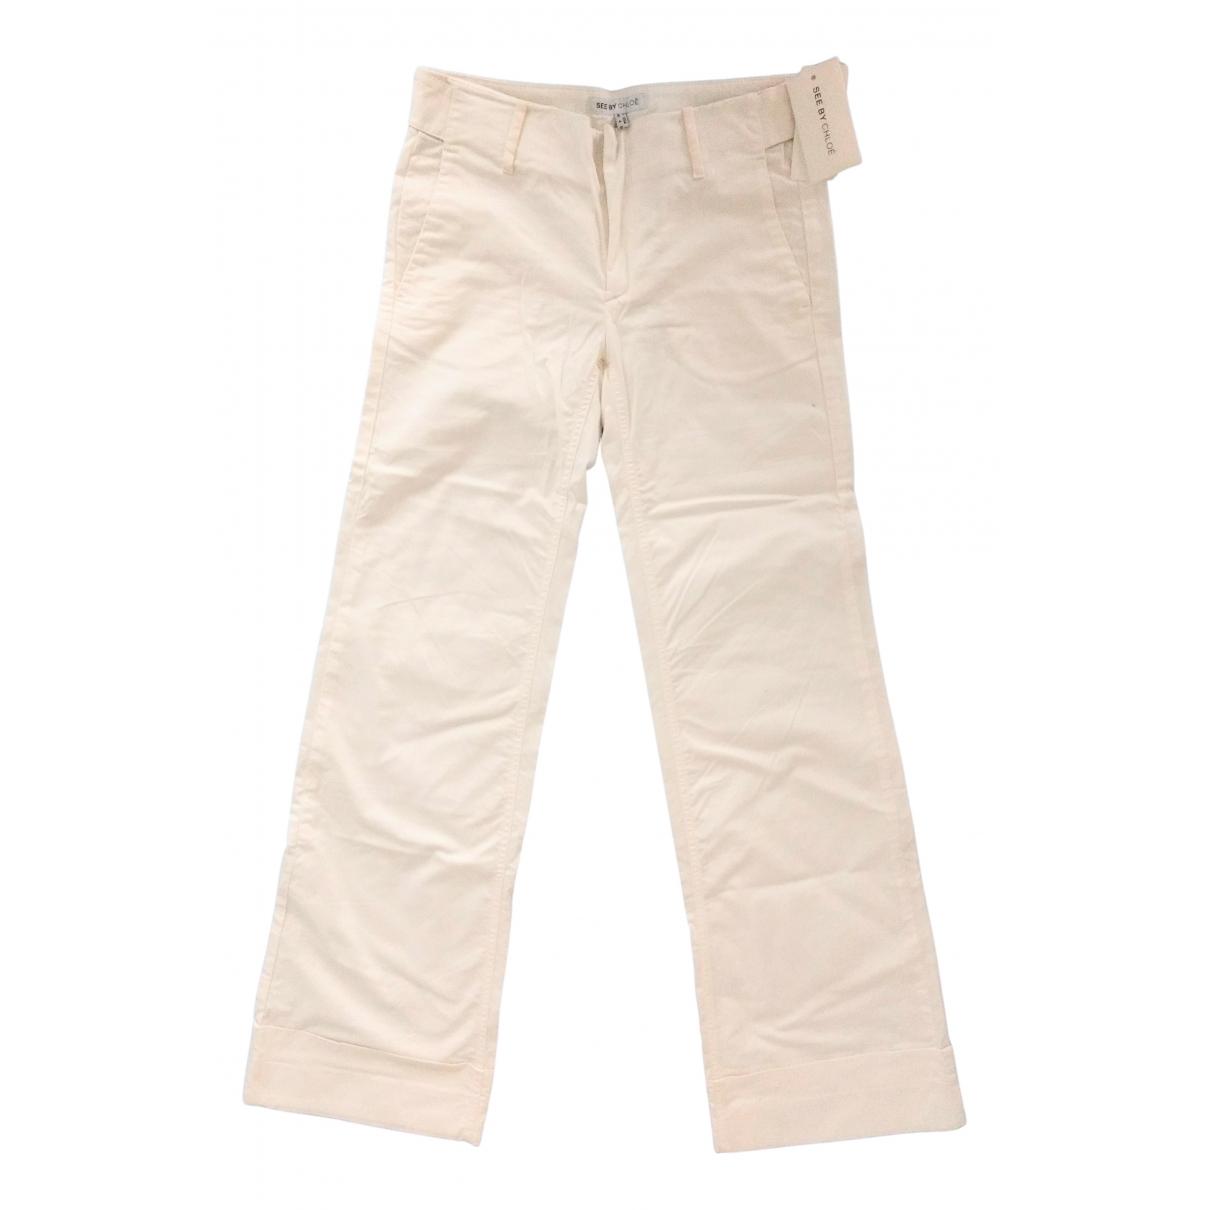 Pantalon recto Chloe